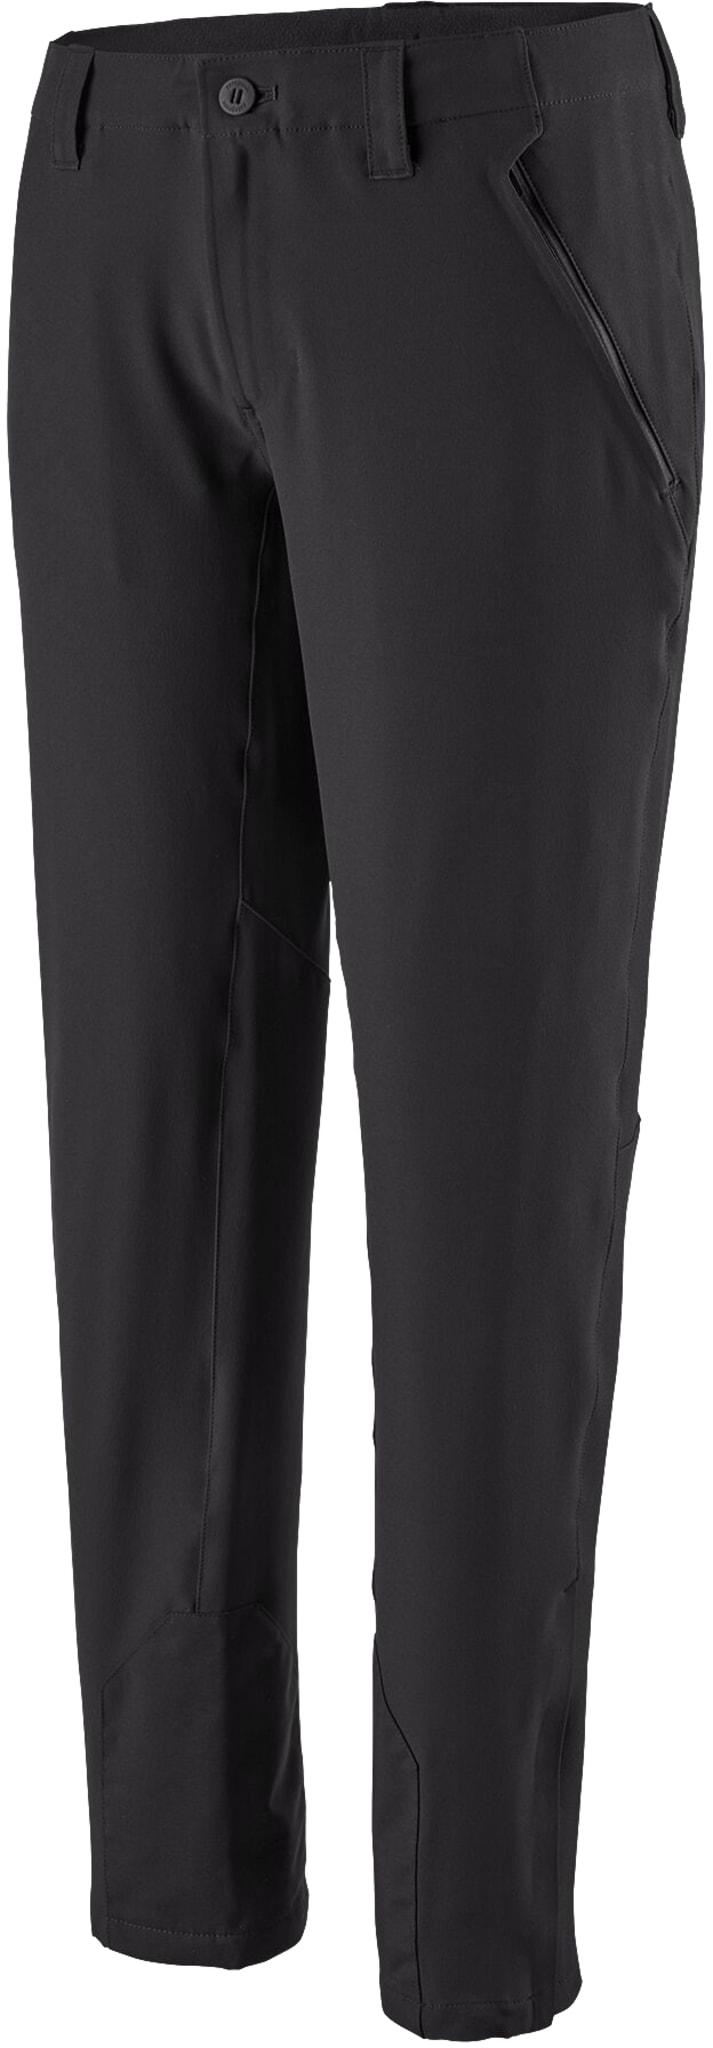 Crestview Pants - Regular W